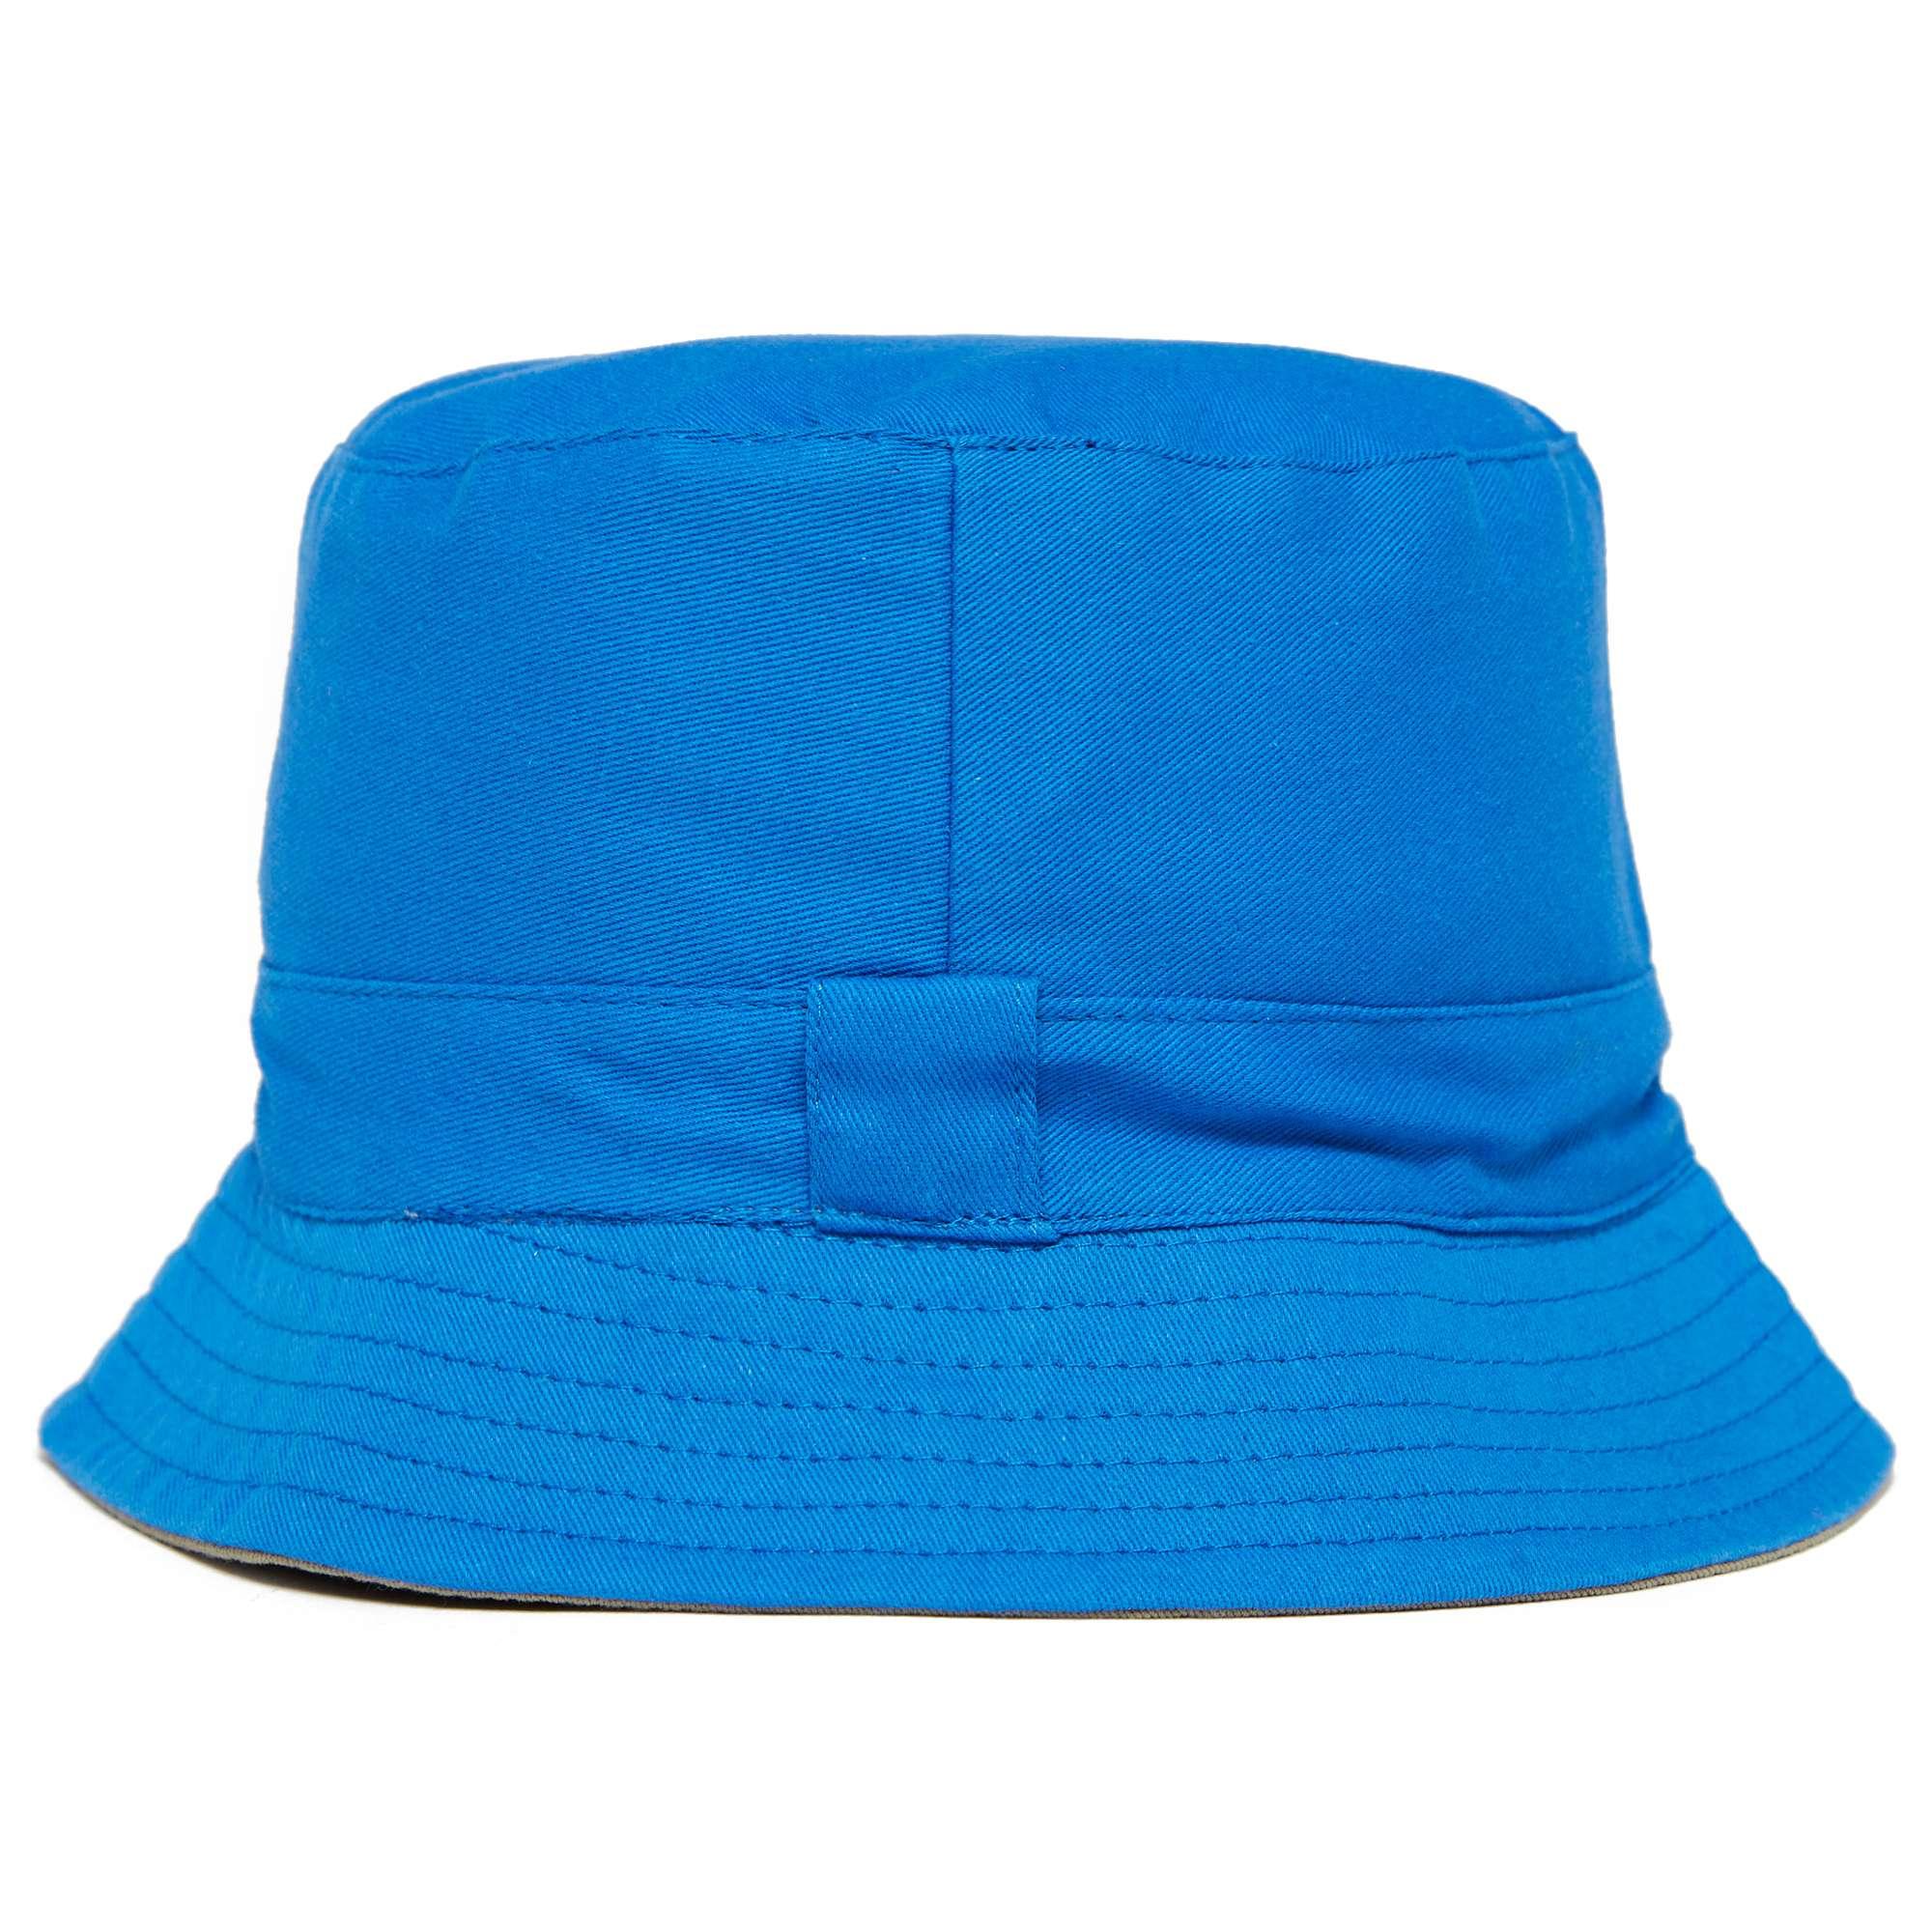 PETER STORM Boys' Reversible Bucket Hat